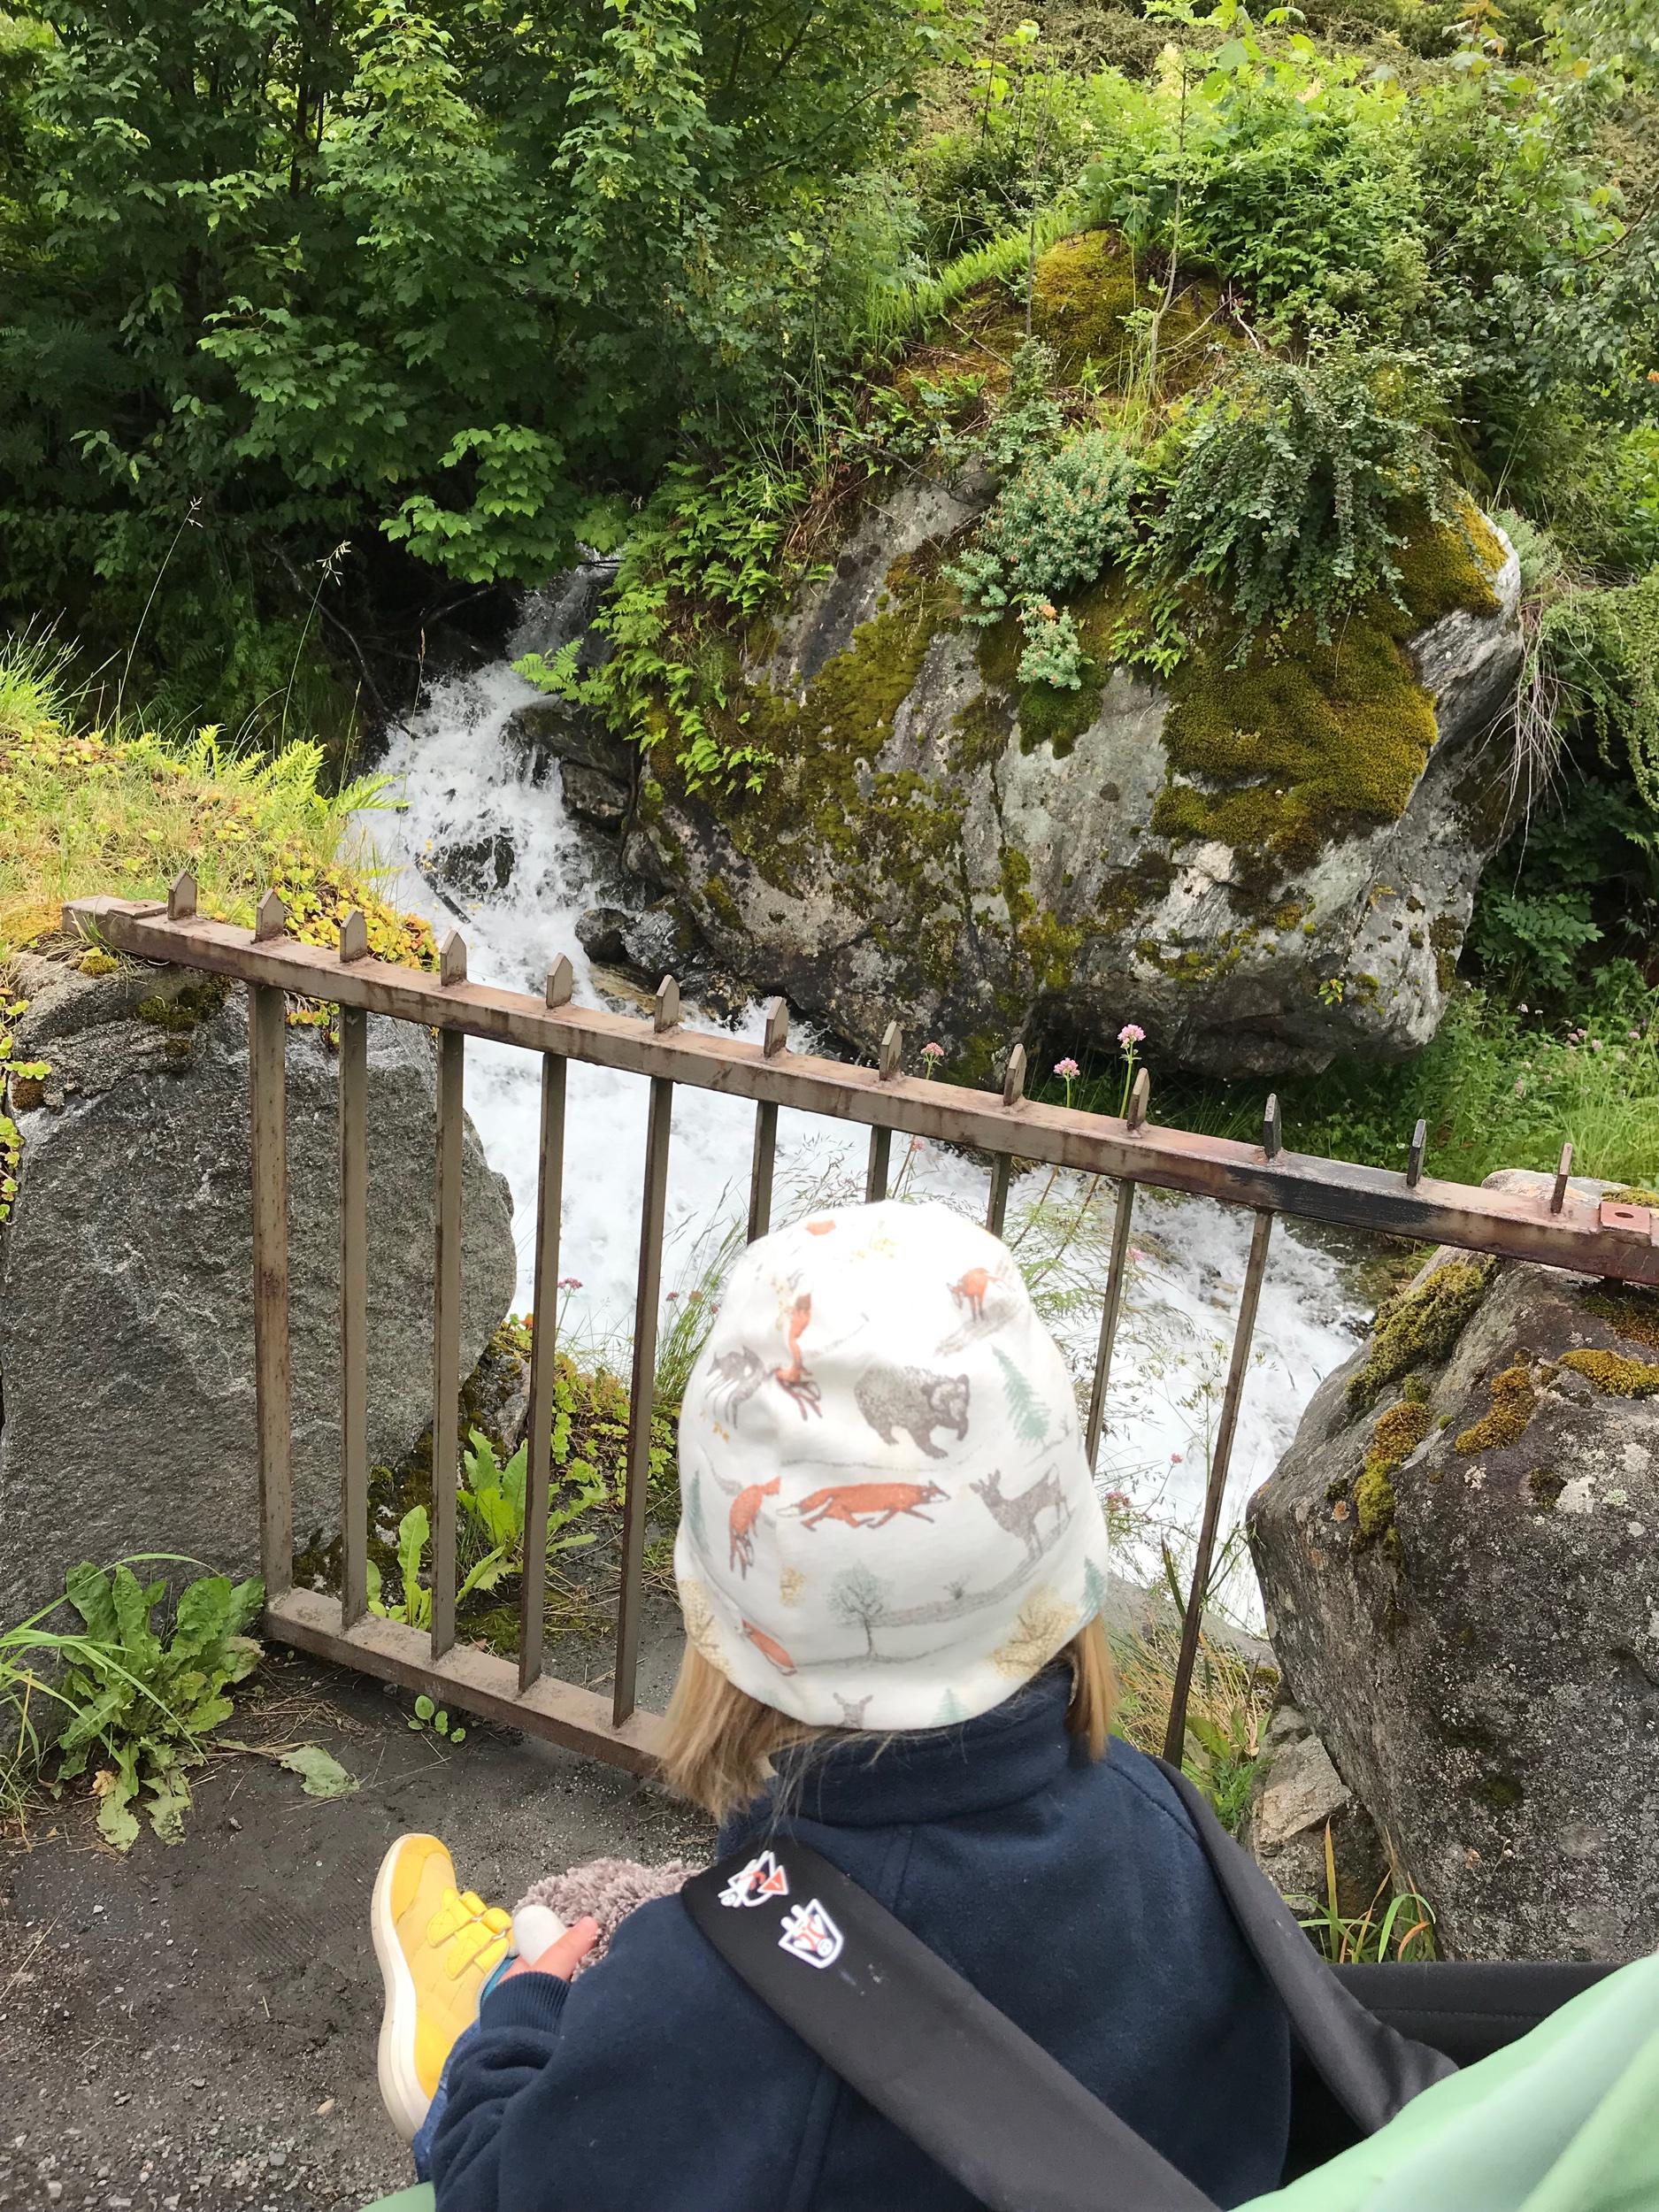 Tänker mig många utflykter till vattenfall nästa sommar!